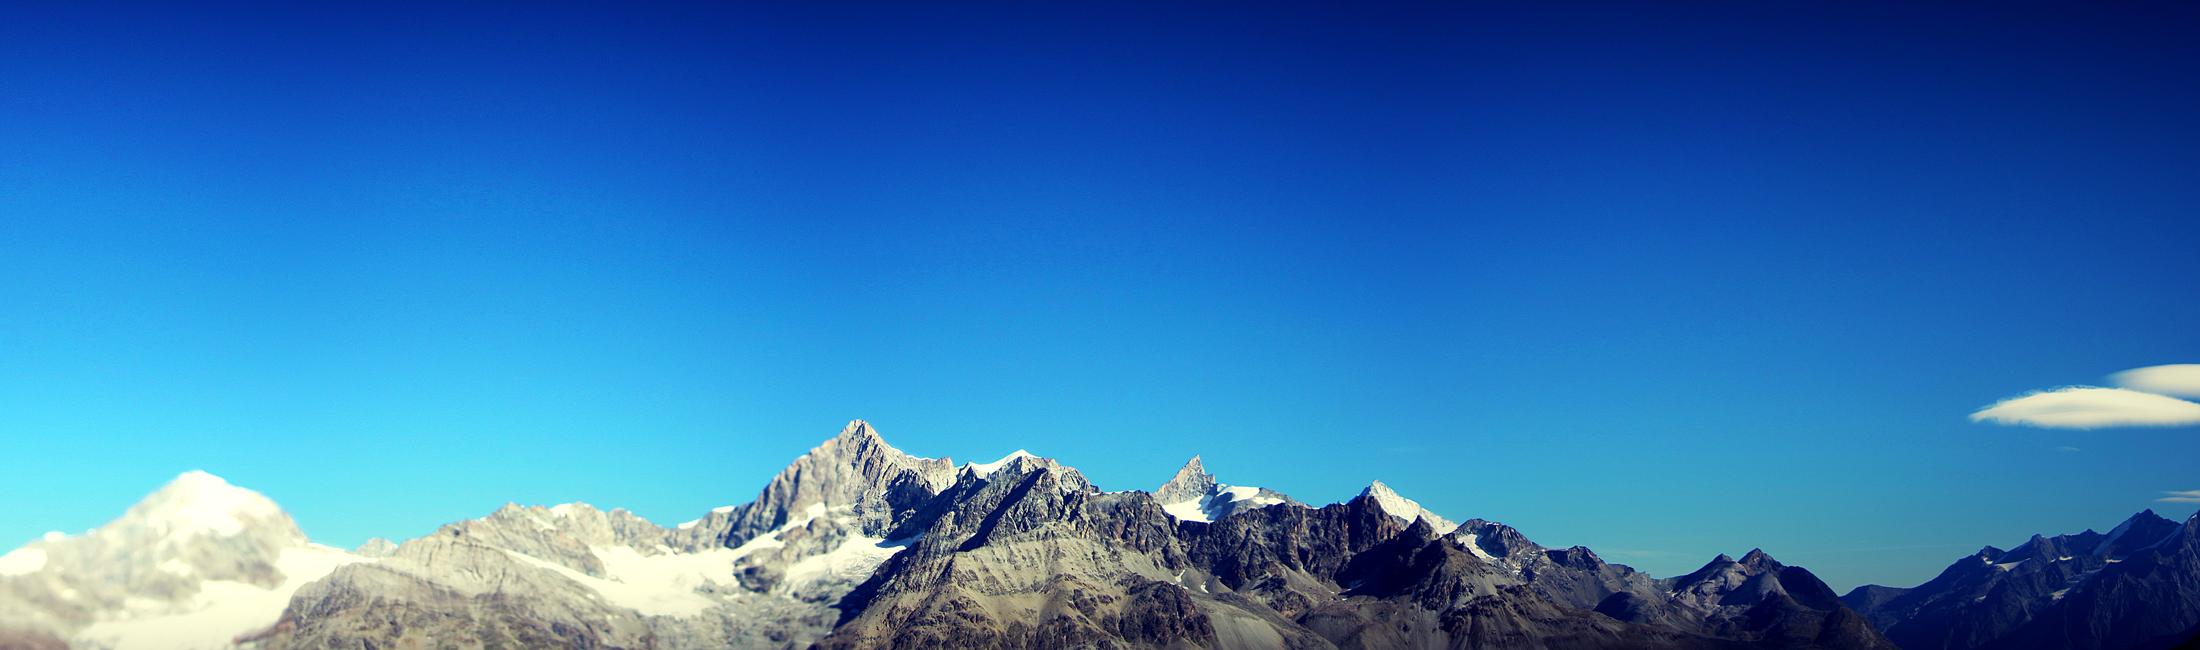 Matterhorn_2